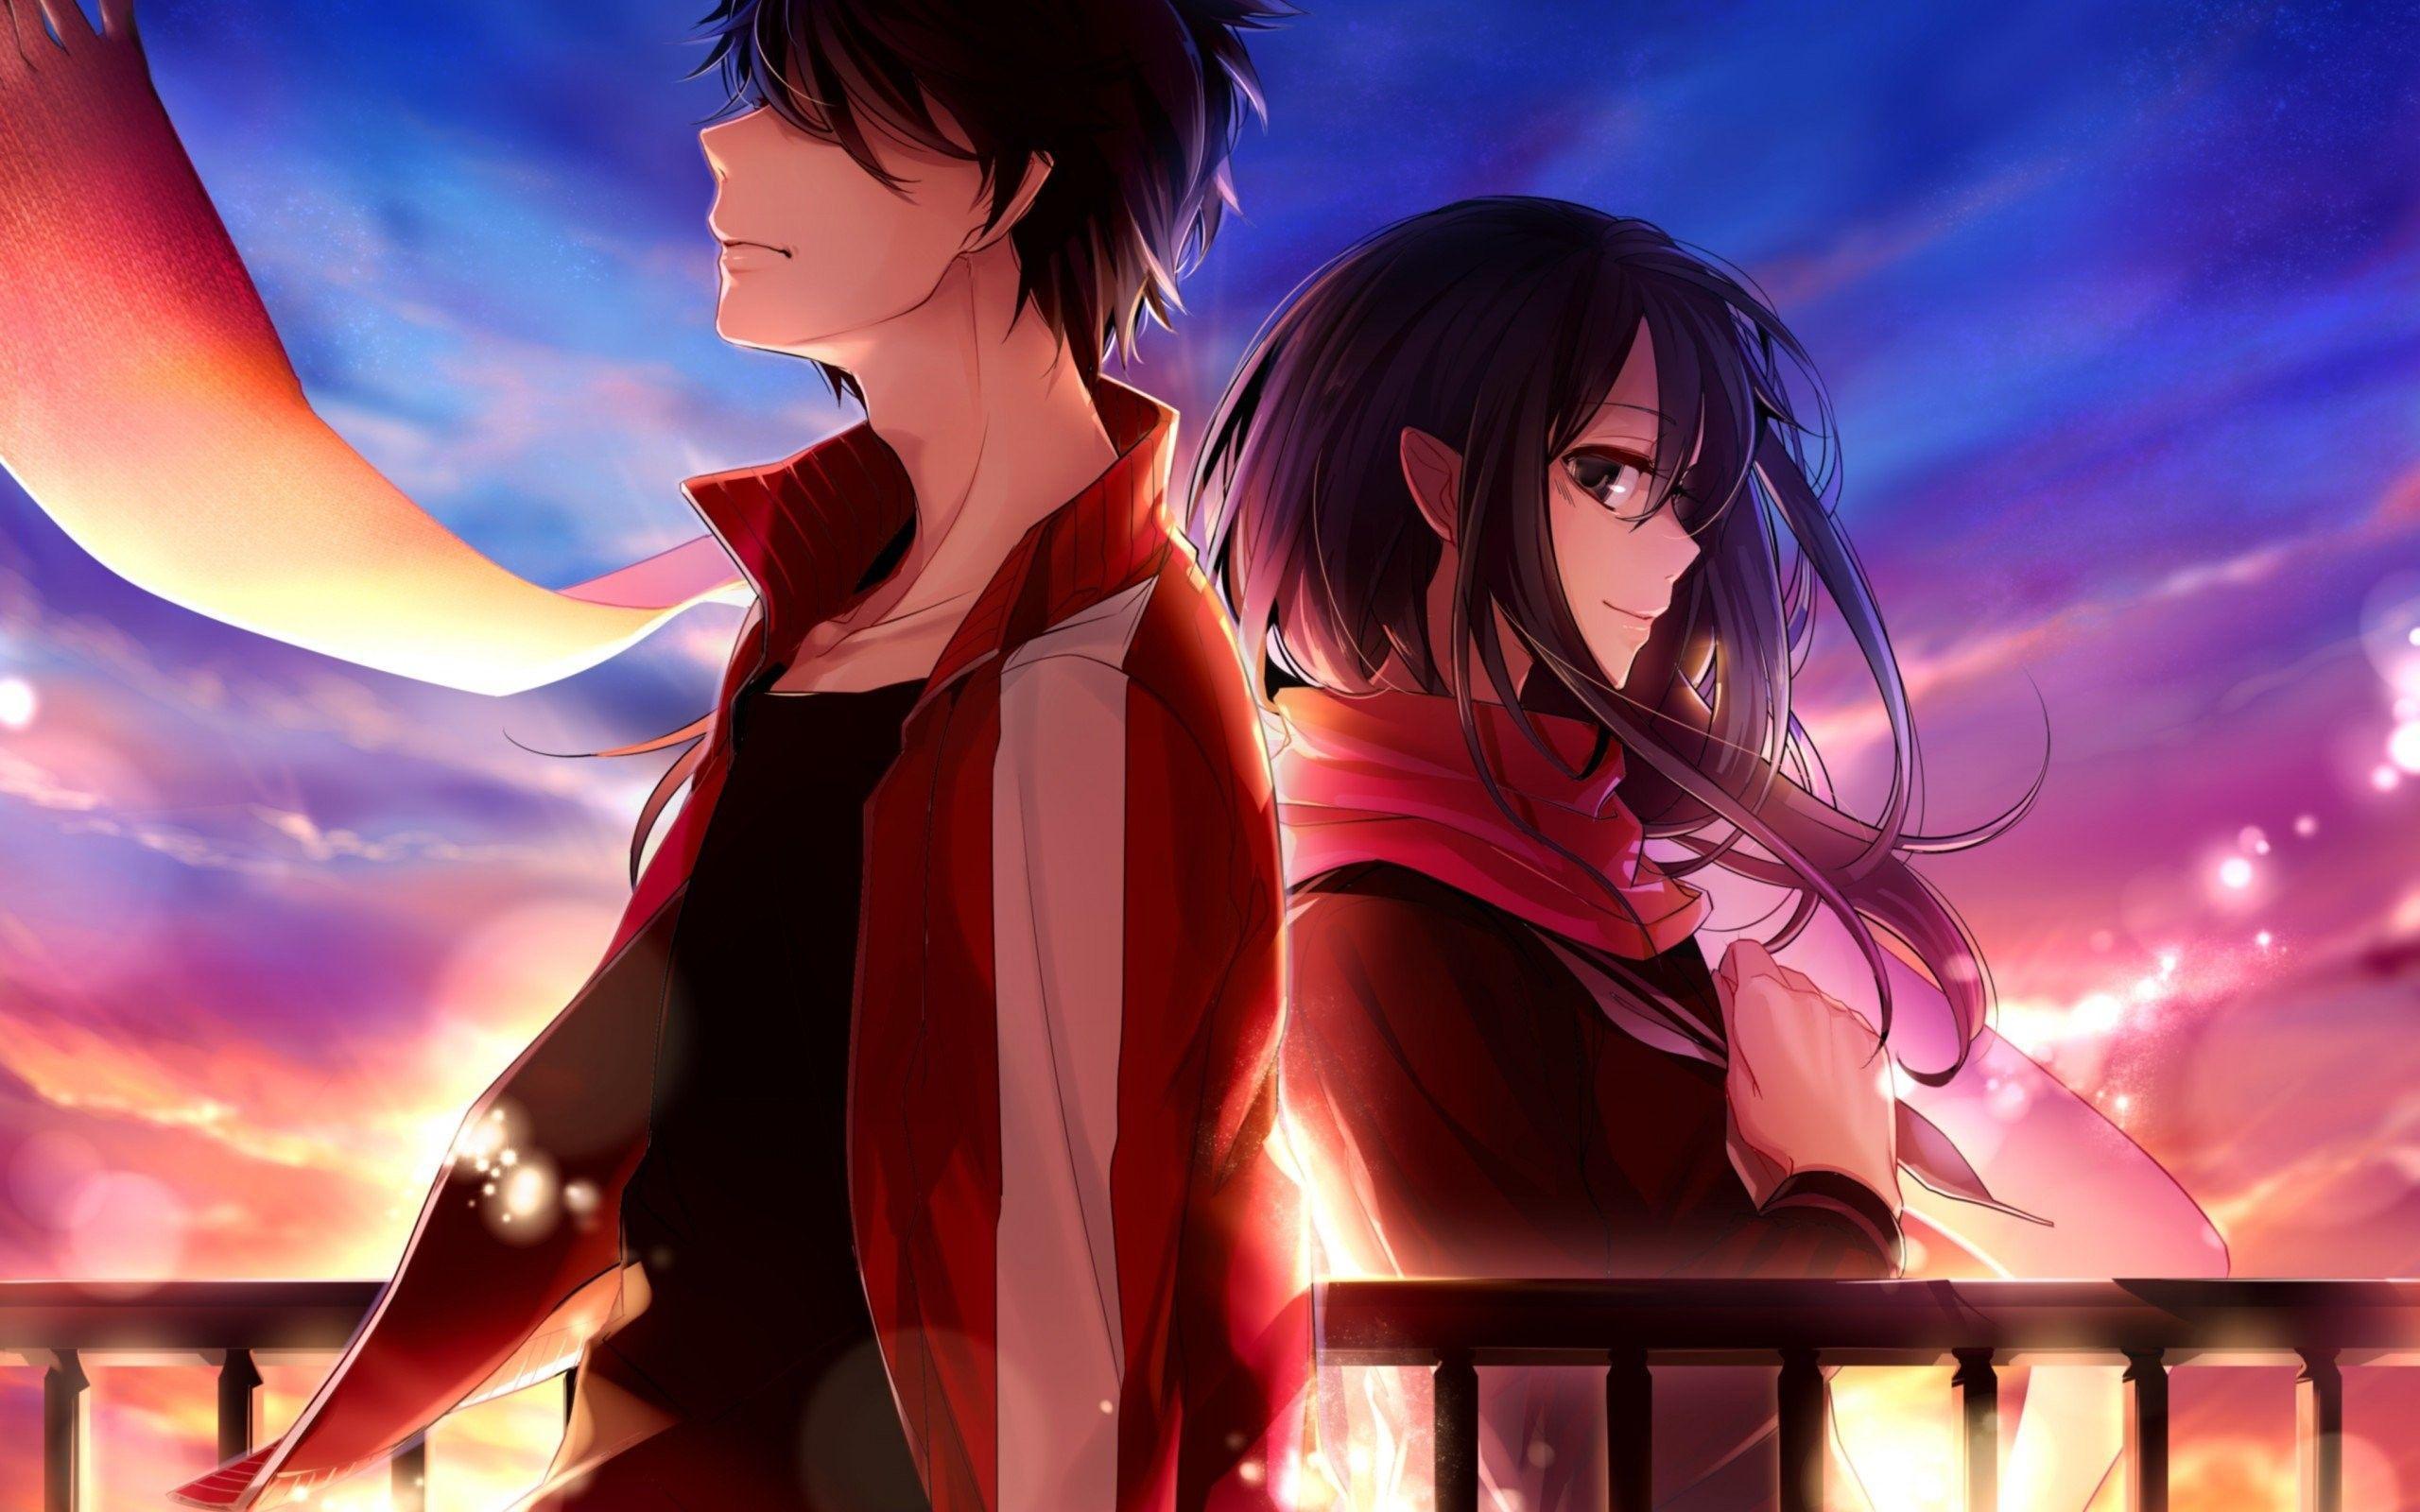 Hình nền Anime Boy And Girl dễ thương 2560x1600